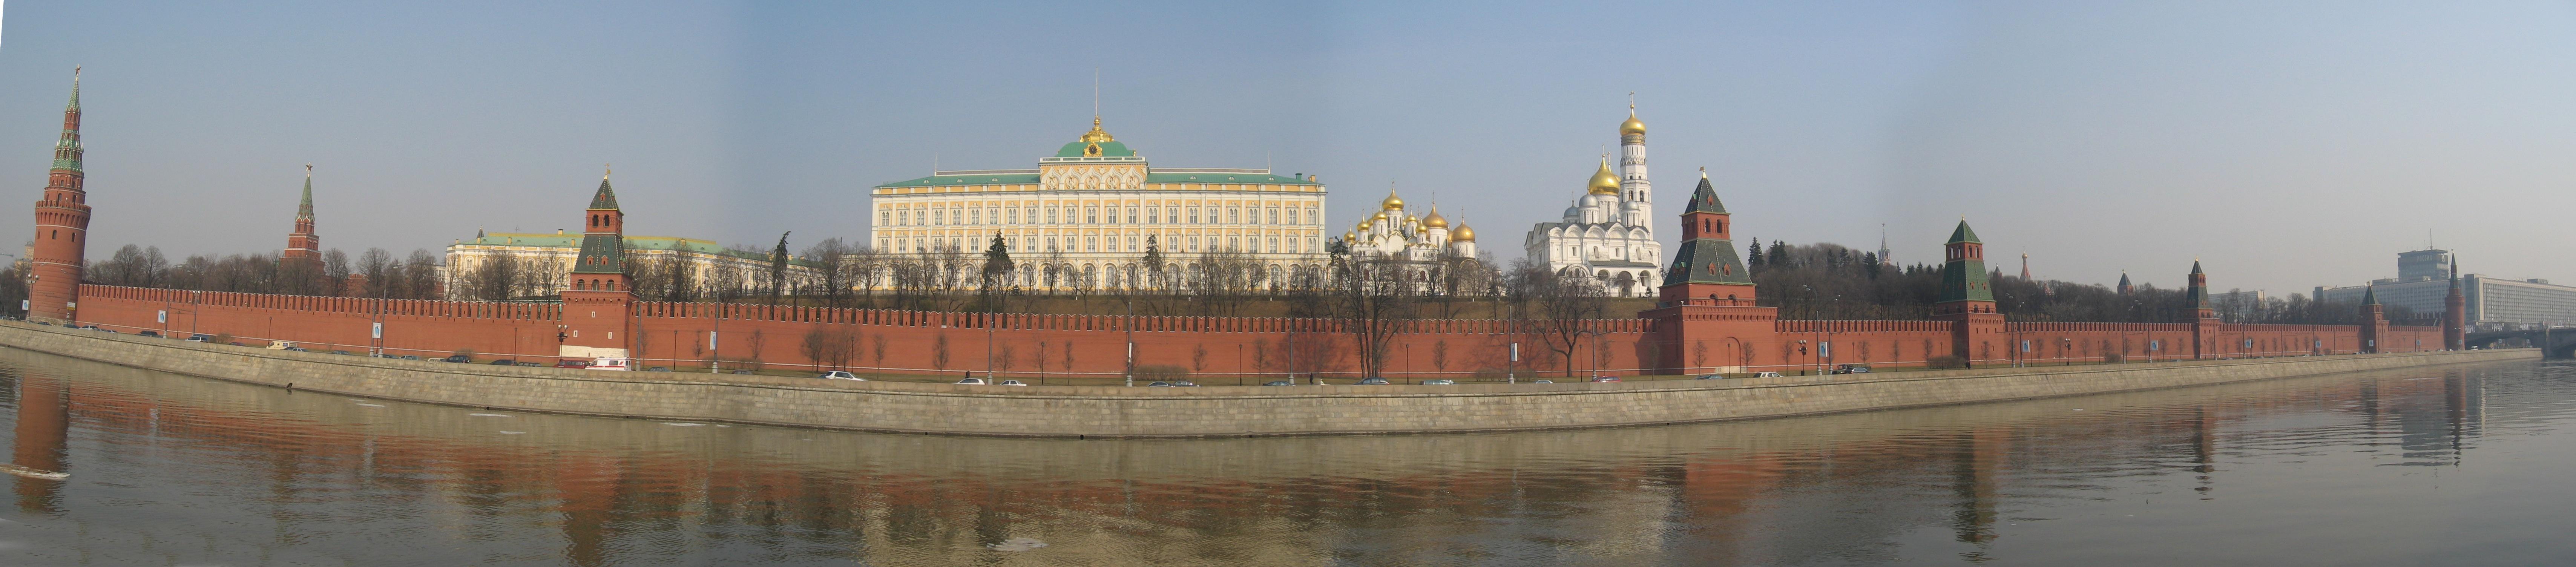 Panorama du Kremlin, depuis l'autre rive